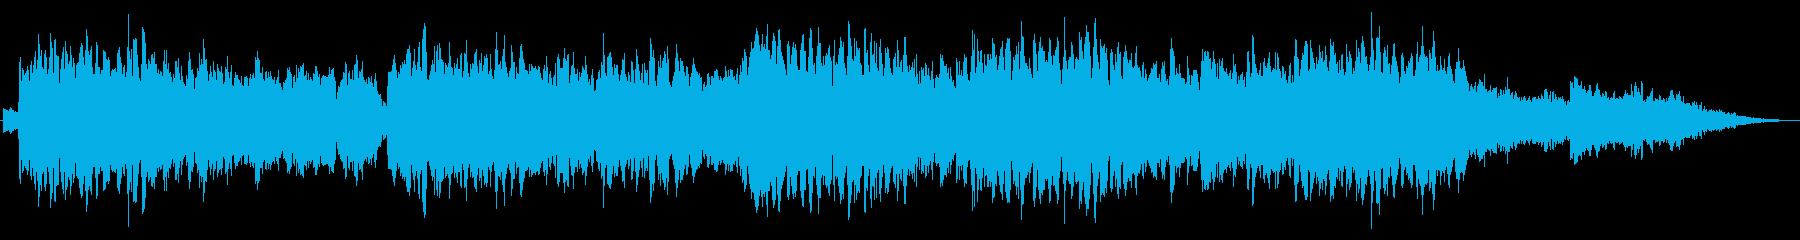 サティのジムノペディ_アンビエントArrの再生済みの波形